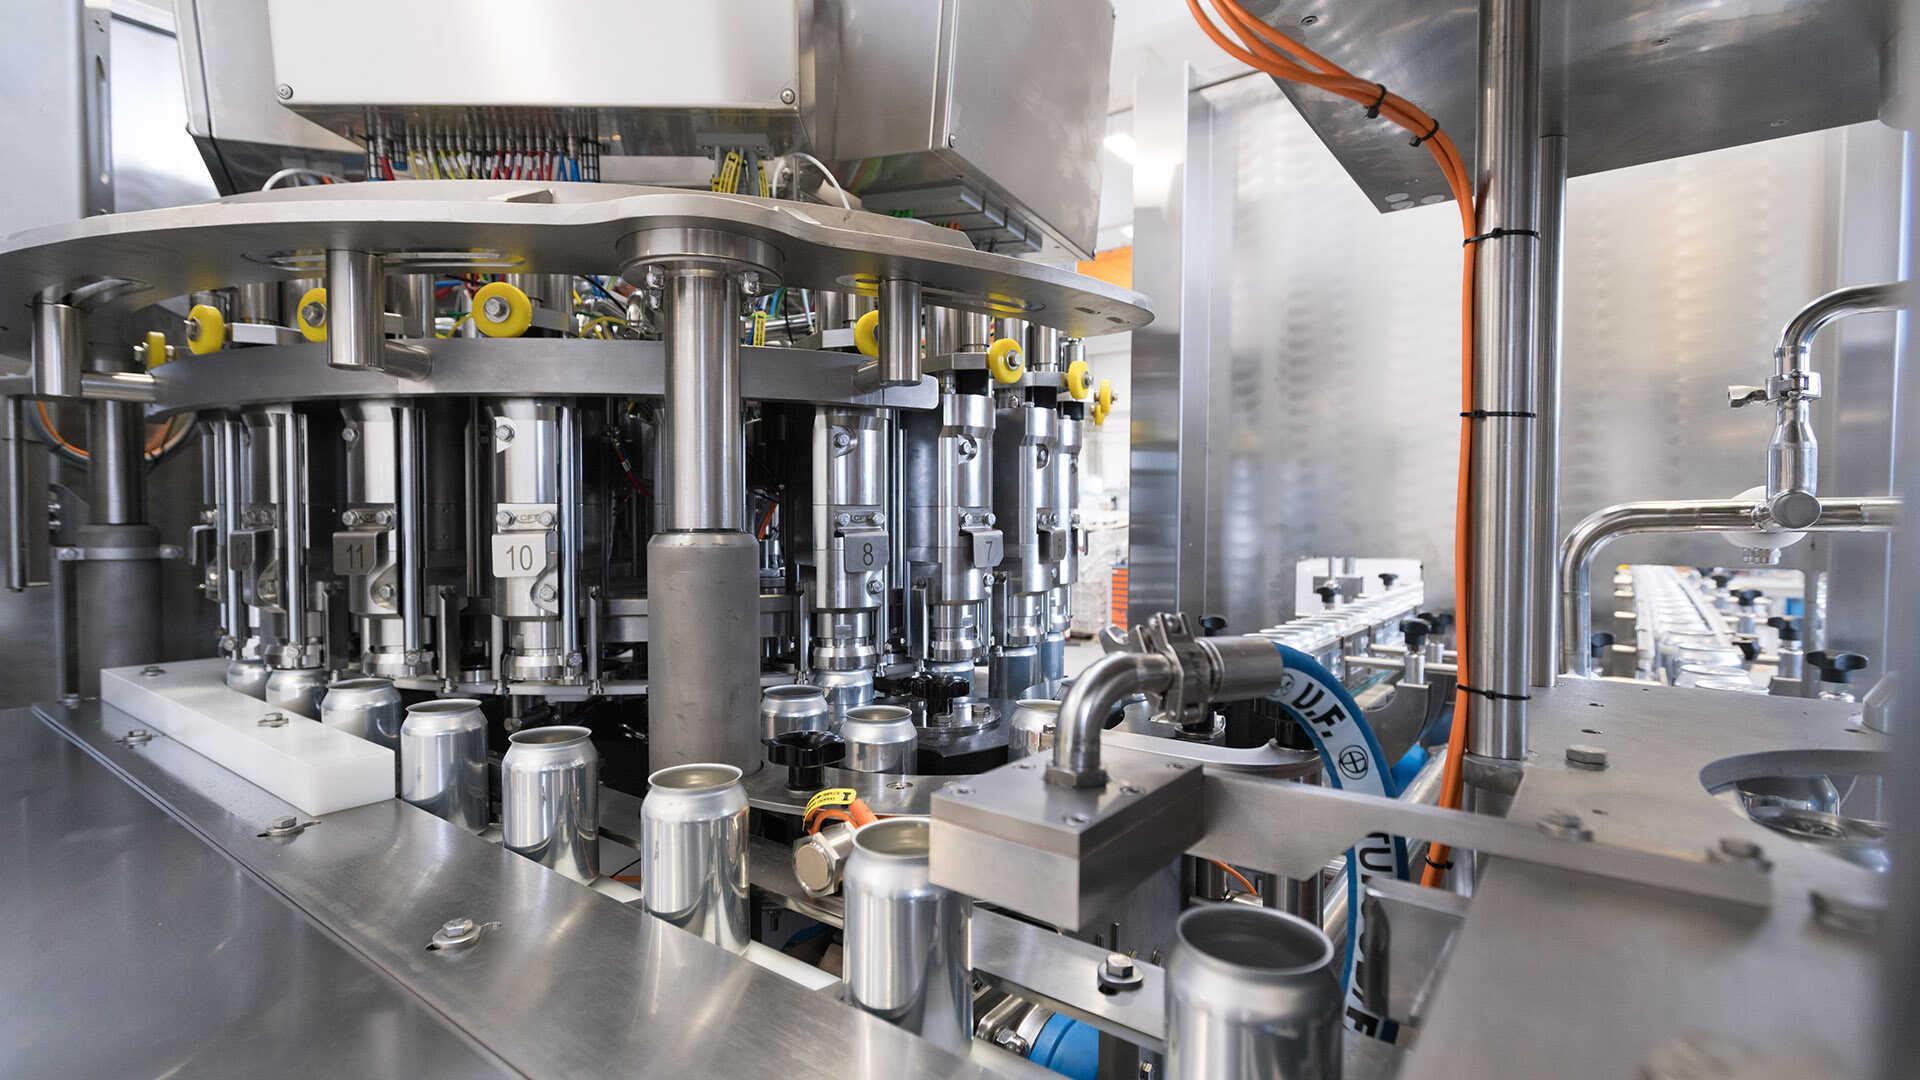 Mỡ an toàn thực phẩm cho máy đóng nắp và ghép mí lon. G.Beslux Atox H, ASP, TF/S